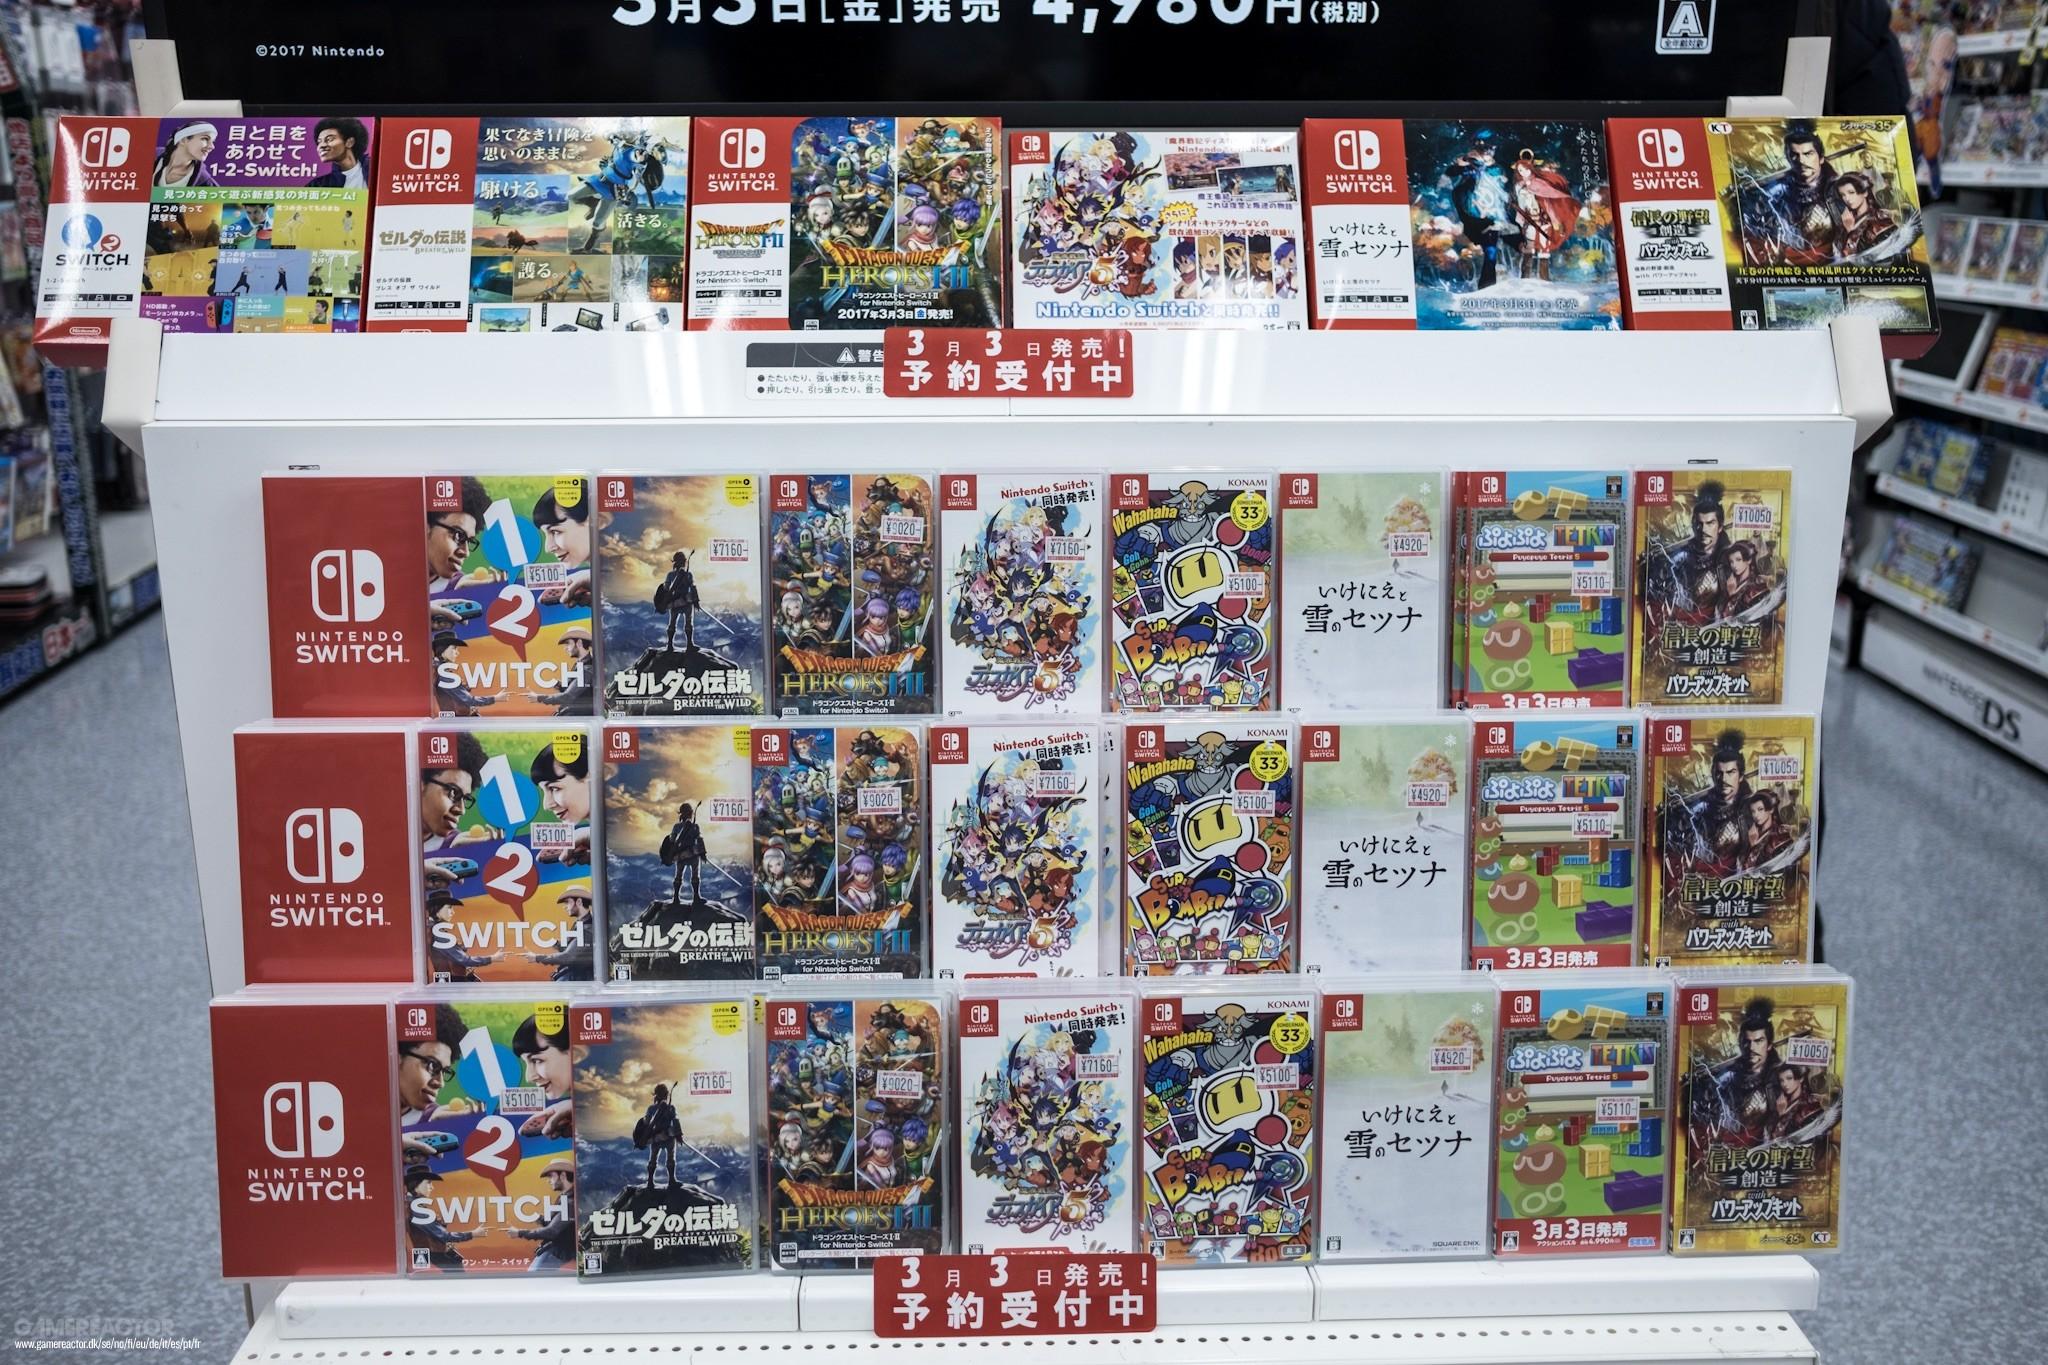 Imagenes De Fotos Exclusivas De Los Juegos De Nintendo Switch En